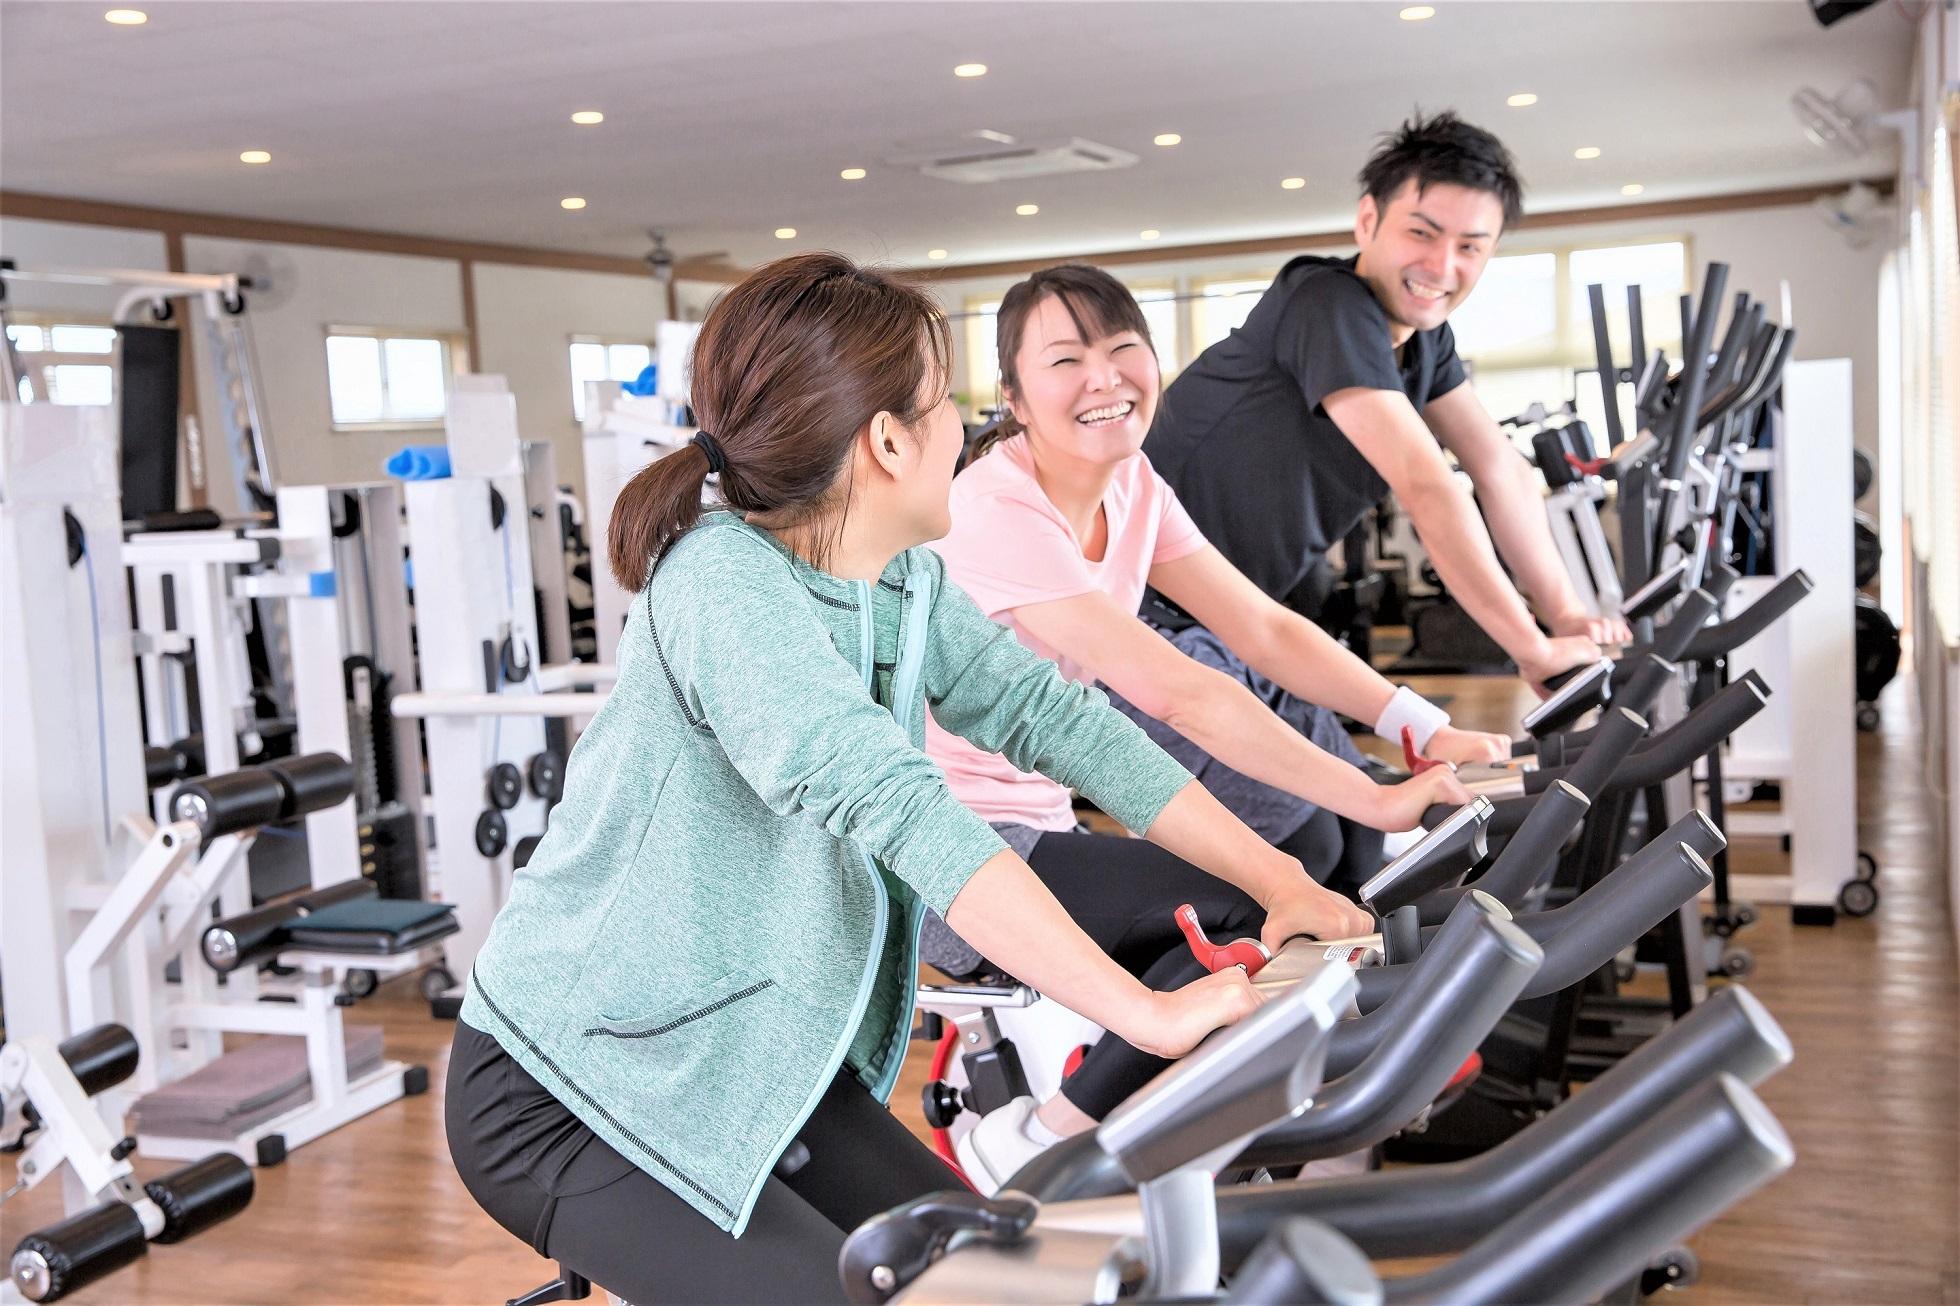 あなたのライフスタイルに運動習慣を